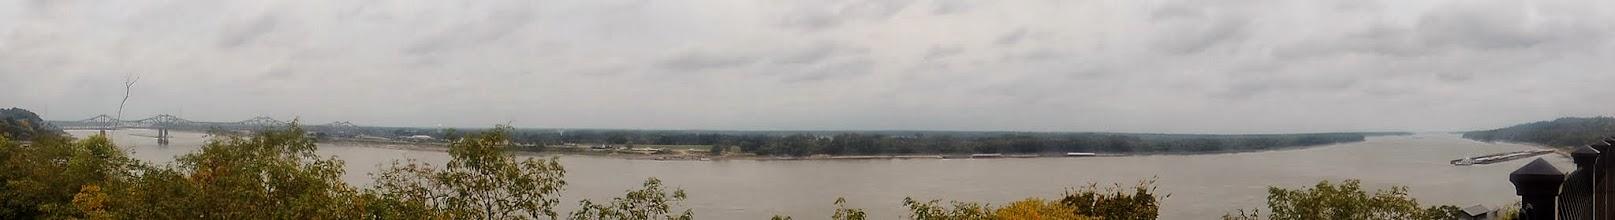 Photo: Mississippi River - Natchez MS